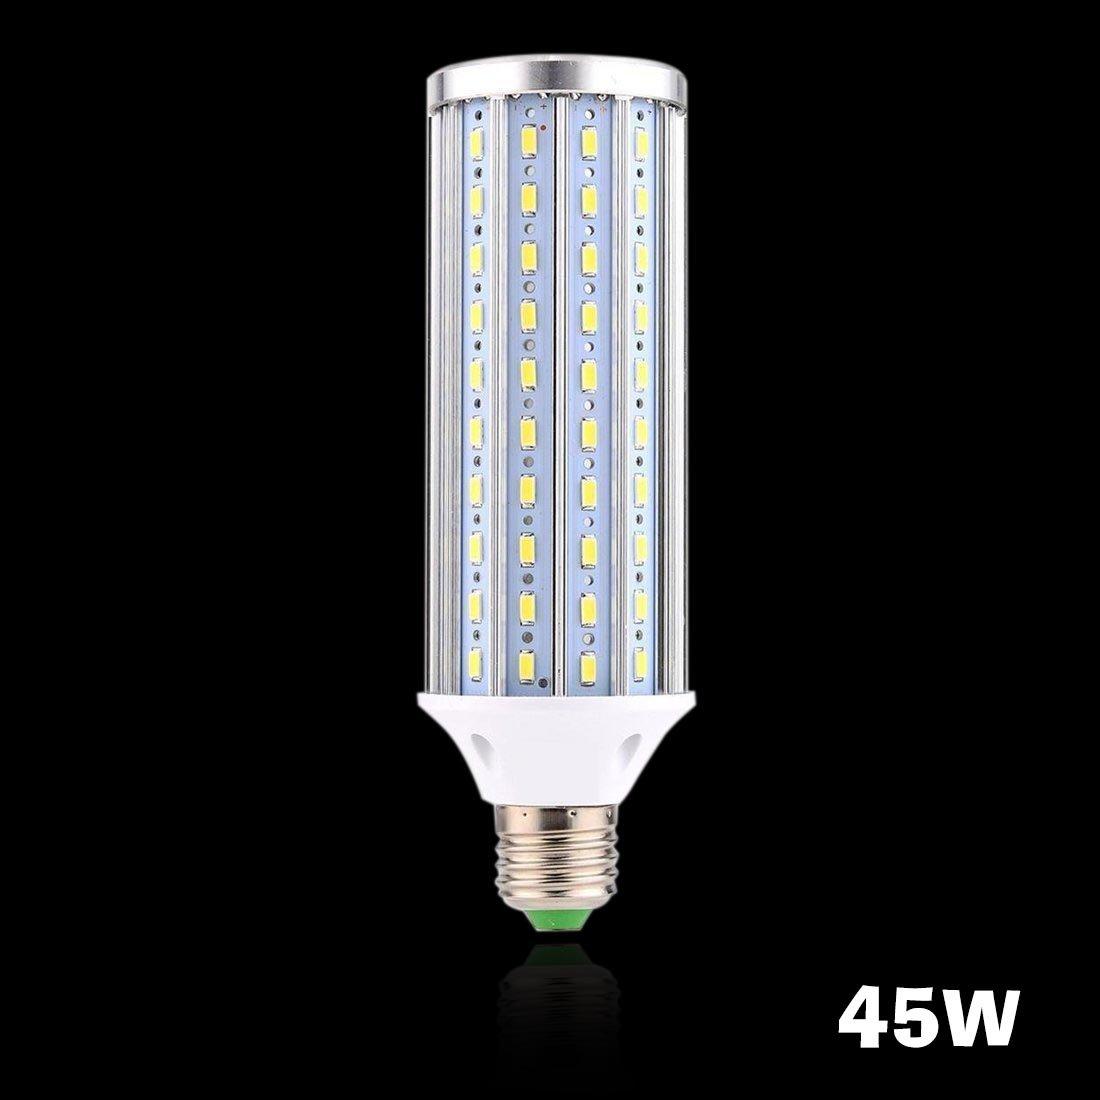 Gowt E27 45W LED Aluminum High Power Corn Light Bulb 450W HalogenLED Lamp for Street Light Floodlight Bulb Street Lamp Post Lighting Garage Warehouse Porch Backyard Garden, 45W-Cool White